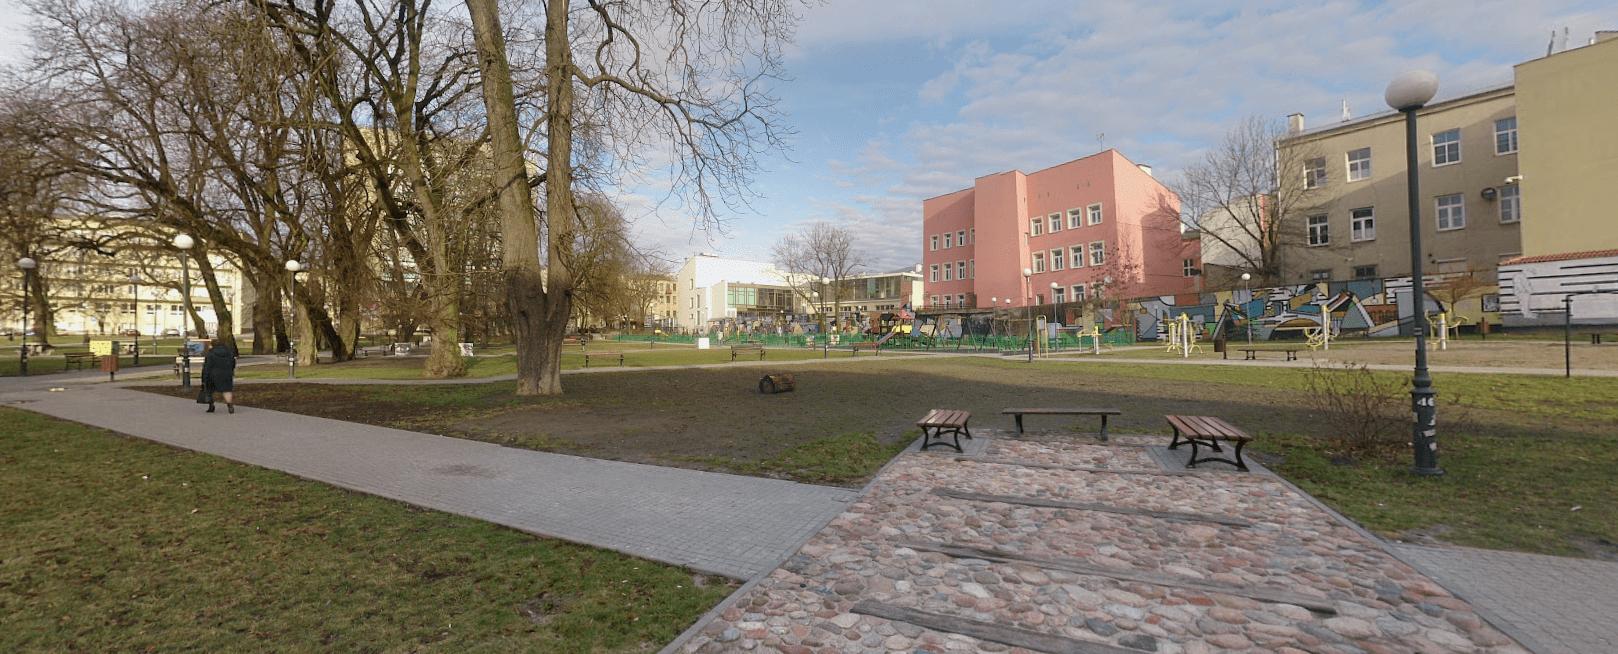 Lublin: Plac Lecha Kaczyńskiego zmieni nazwę? Młodzieżówka Nowoczesnej napisała petycję - Zdjęcie główne